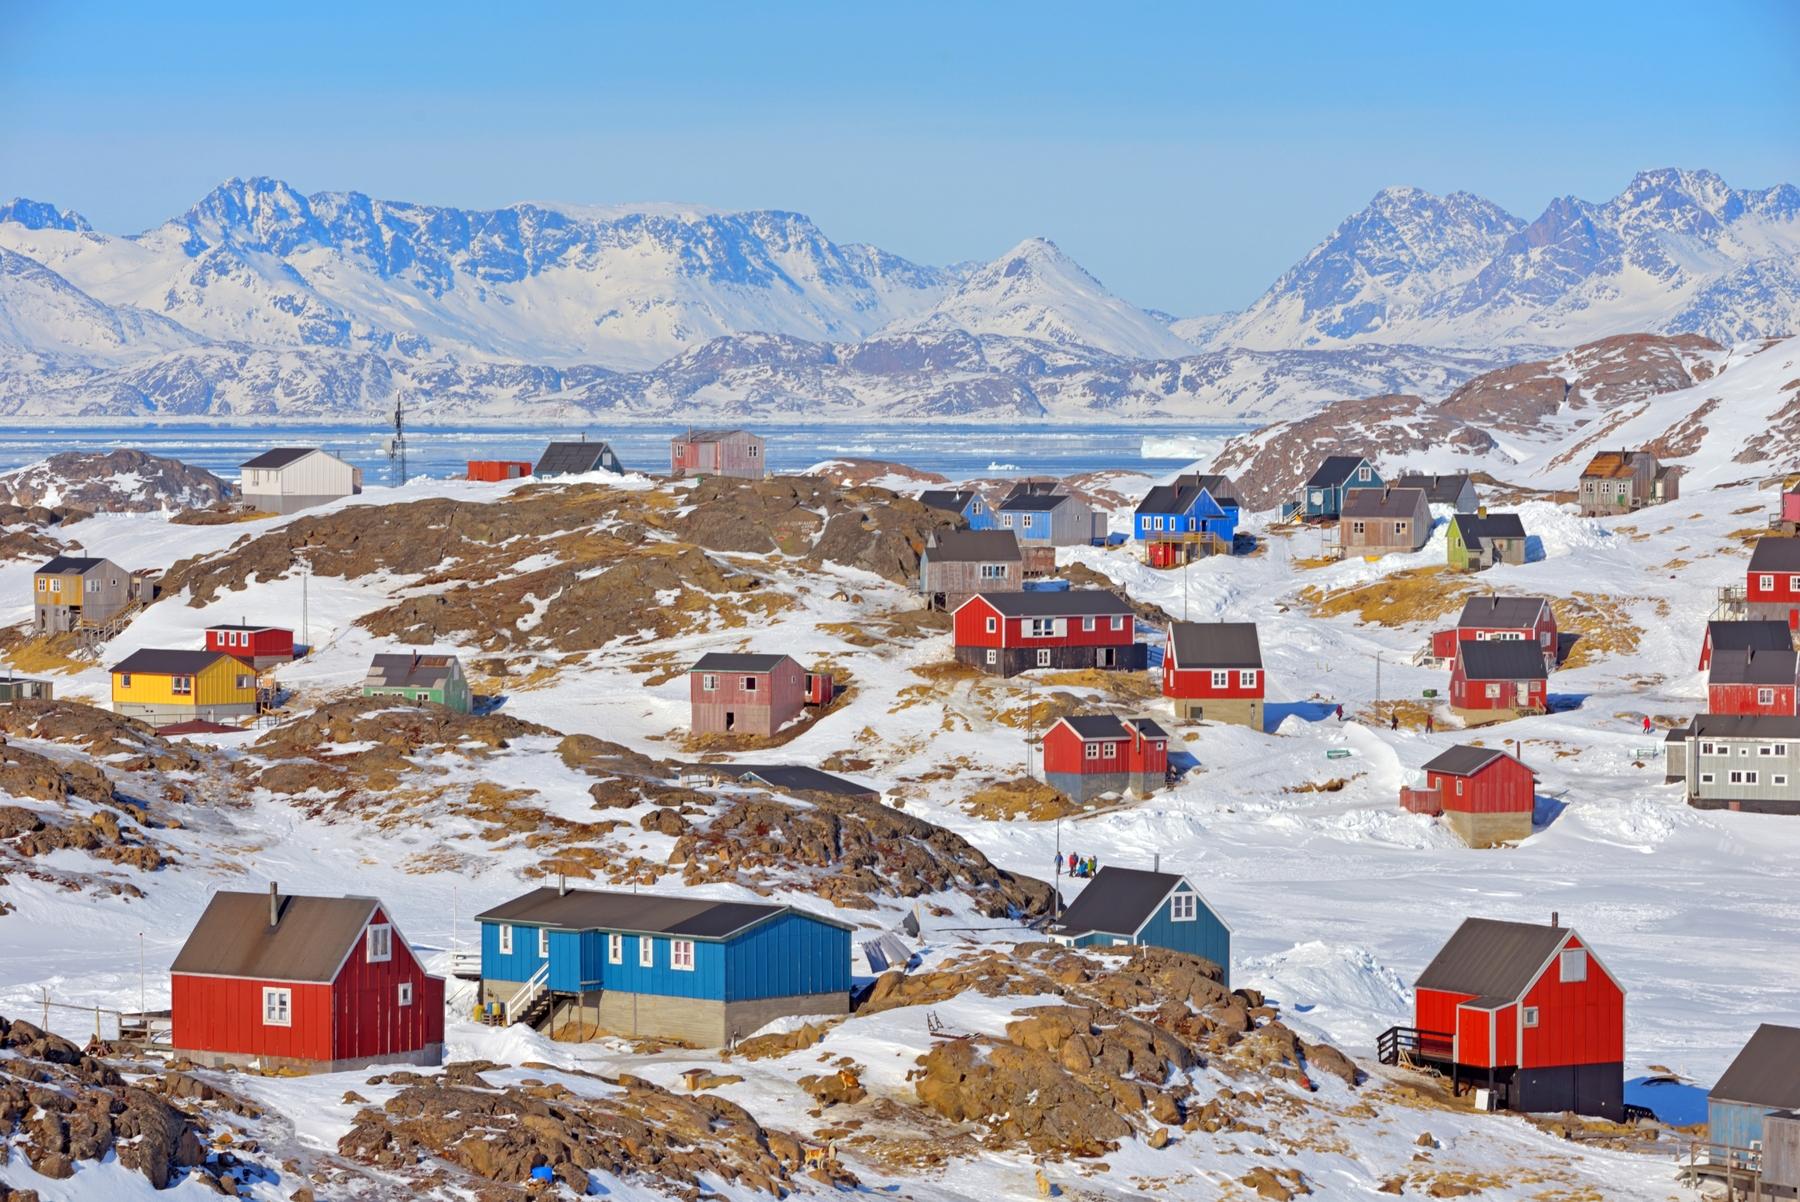 Casas de colores en Groenlandia, uno de los países más fríos del mundo